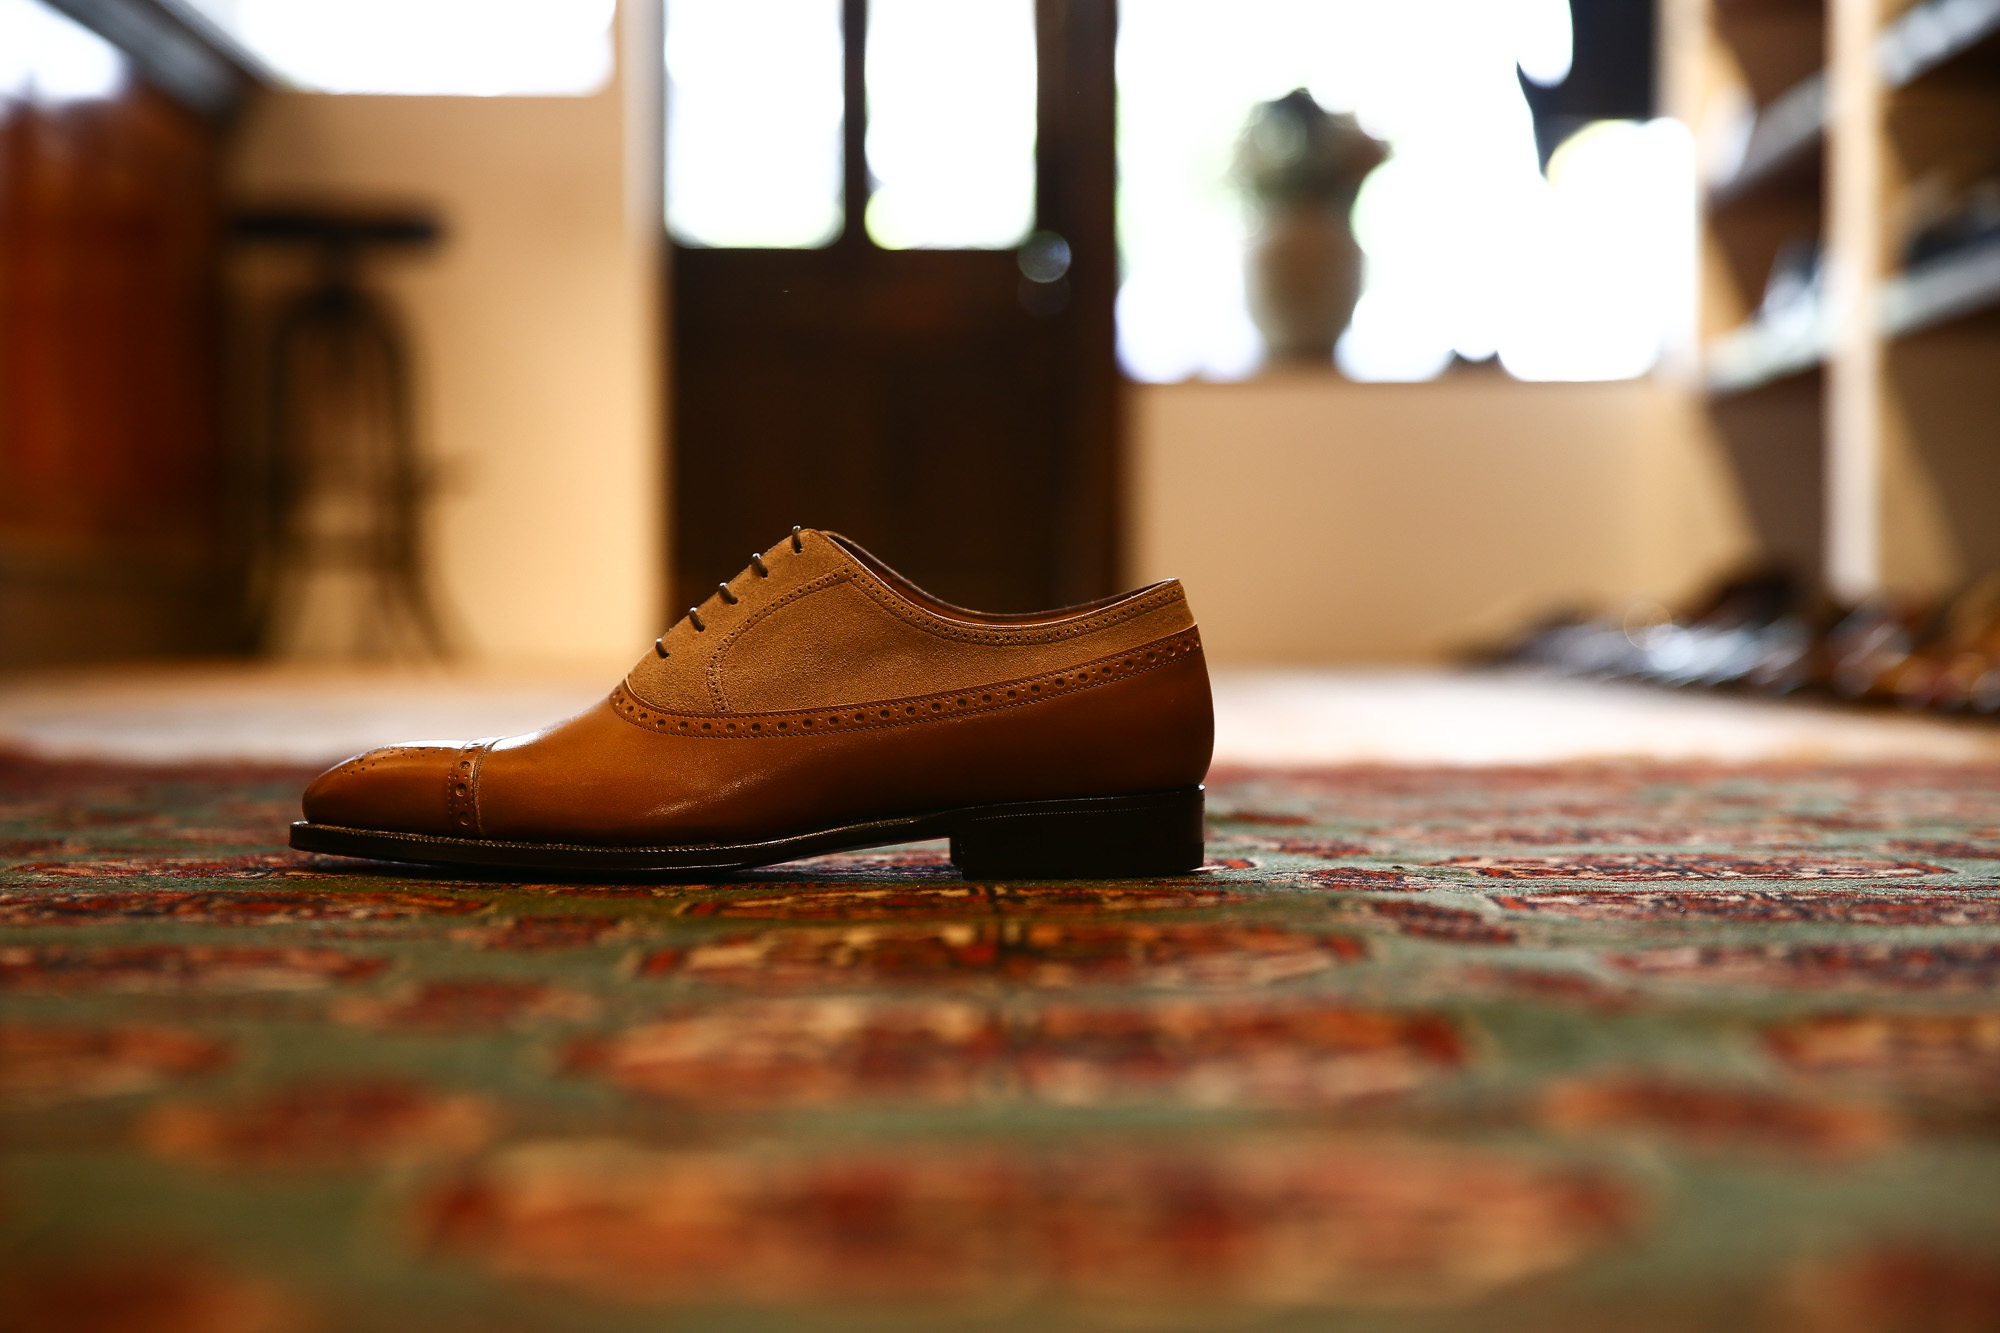 ENZO BONAFE(エンツォボナフェ) 【ART.EB-32】Punched Cap Toe 2tone Shoes パンチドトゥキャップ2トーンシューズ  ANILVEAU SUPERBUCK ドレスシューズ #60183×MILKSHAKE (ゴールド×ミルクシェーキ) made in italy (イタリア製) 2018年 春夏モデル enzobonafe エンツォボナフェ 愛知 名古屋 Alto e Diritto アルト エ デリット 2018年新作モデル 日本企画 木型 ダブルモンク コードバン